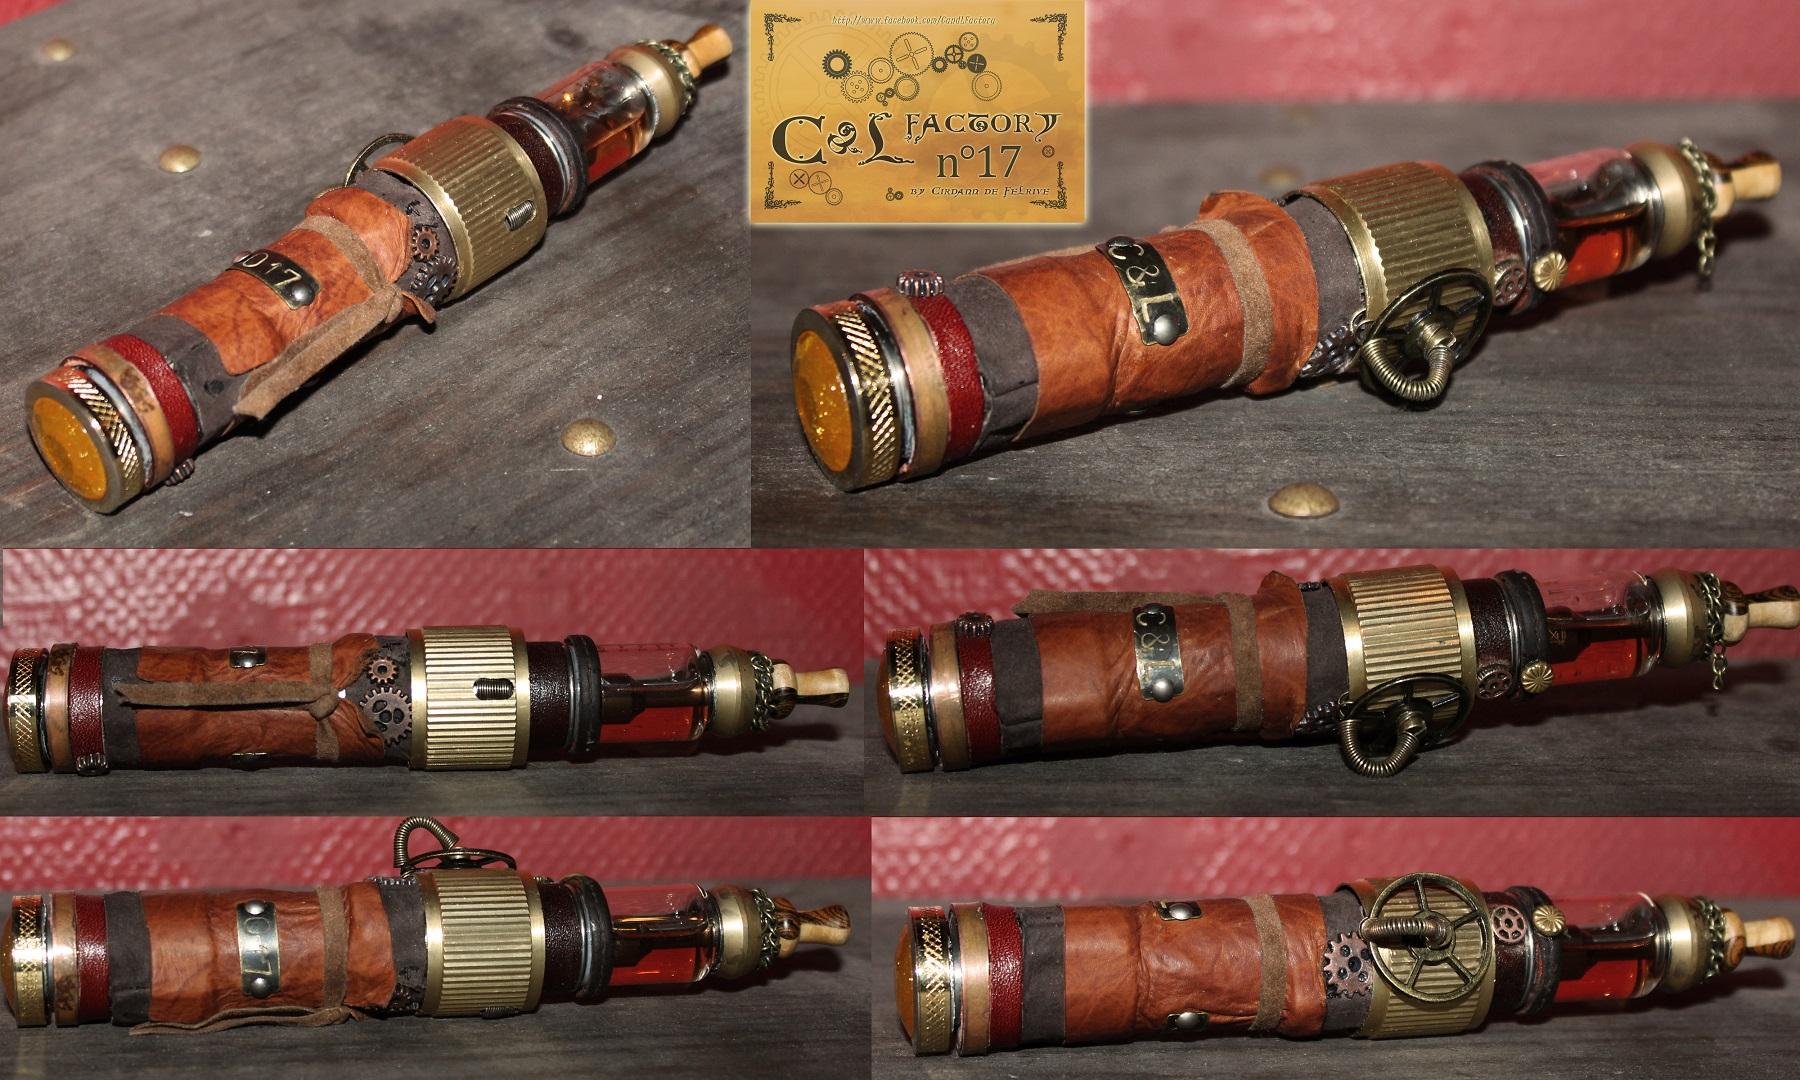 electronic_cigarette_steampunk_vape_by_cirdann72-d7rgcz1